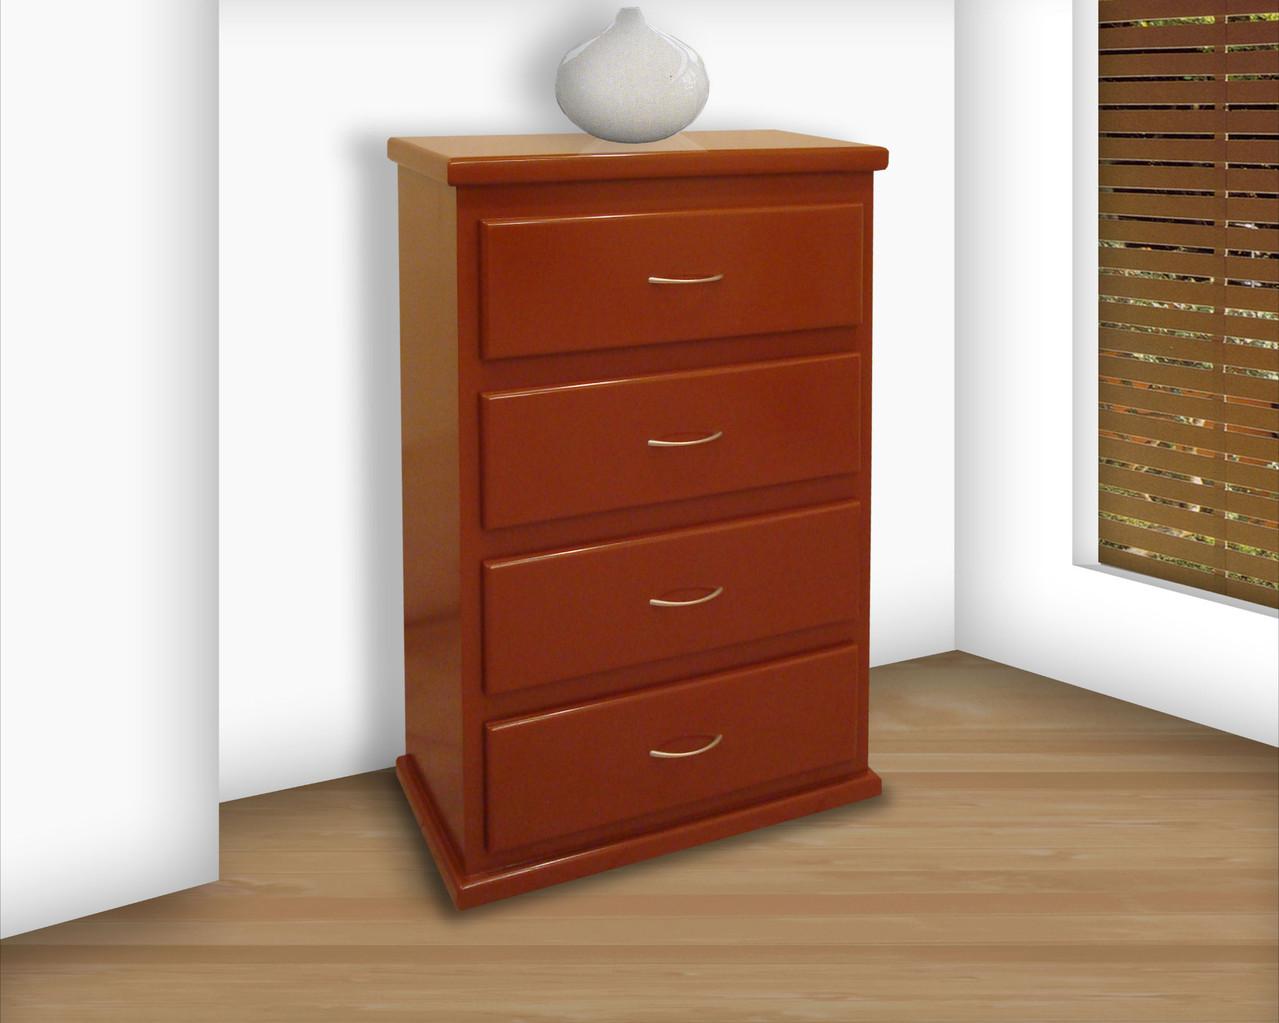 Comodas muebles gm muebles de madera - Cajonera de madera ...